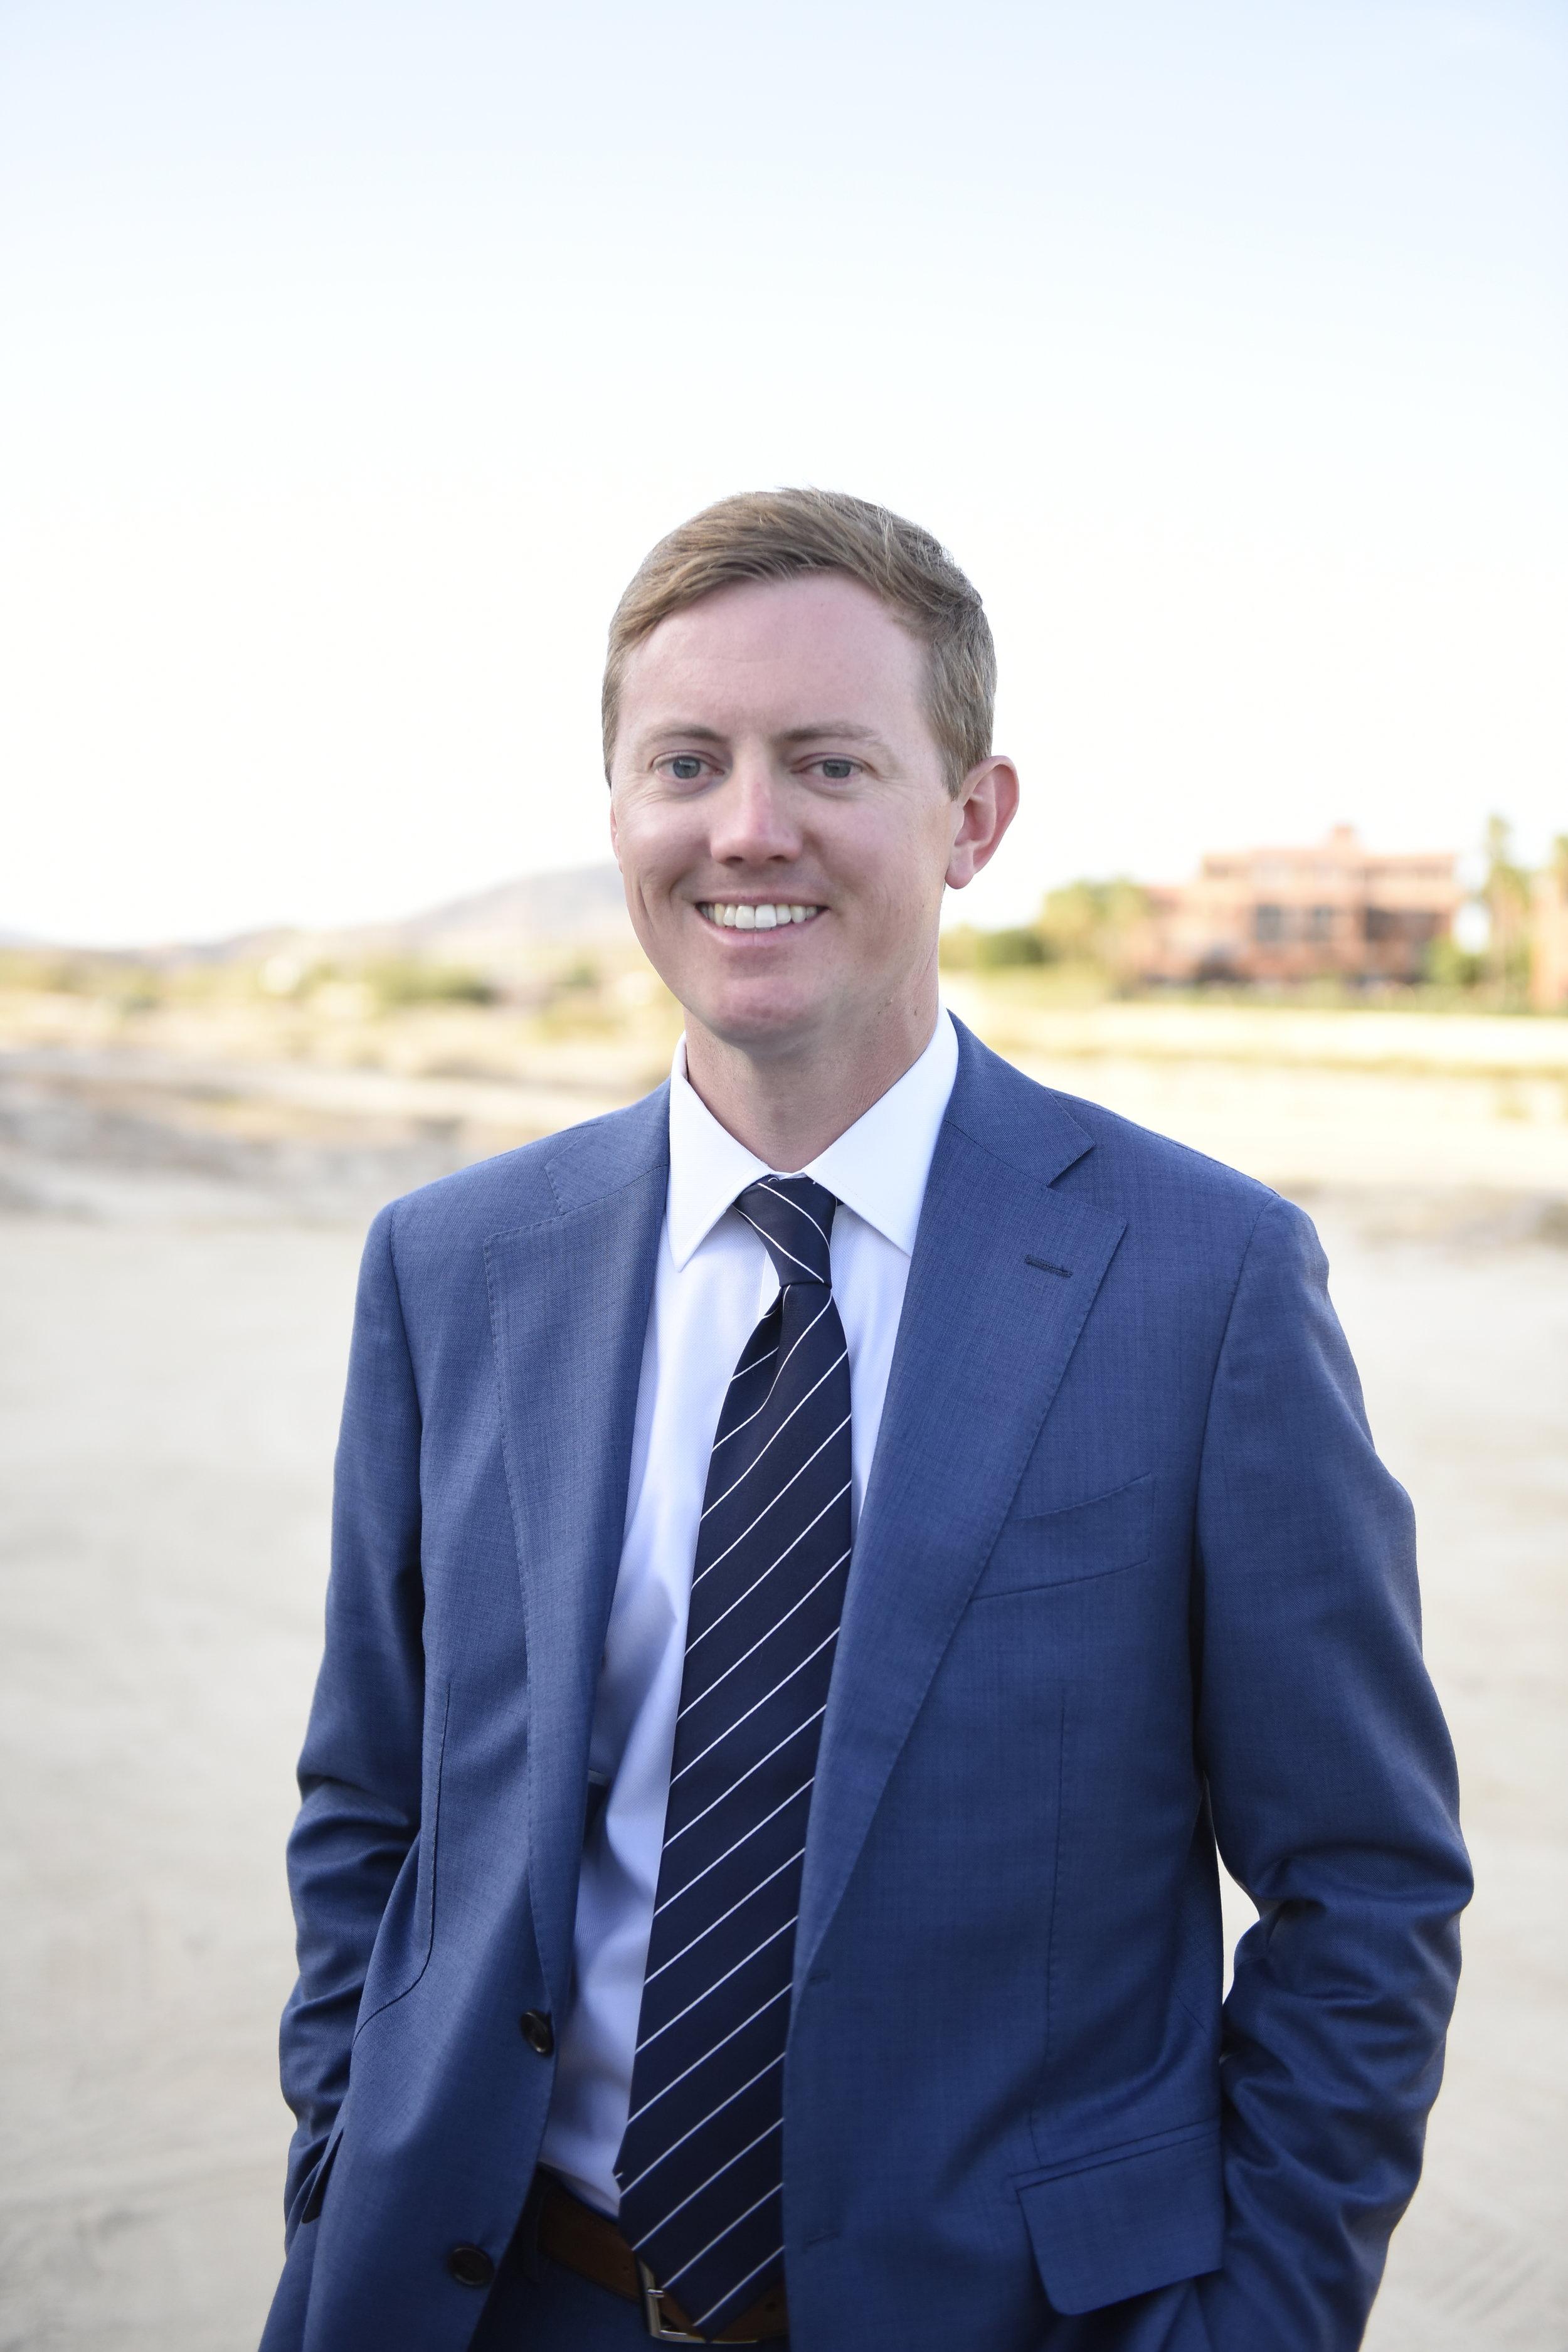 Attorney Jared K. Tomlinson